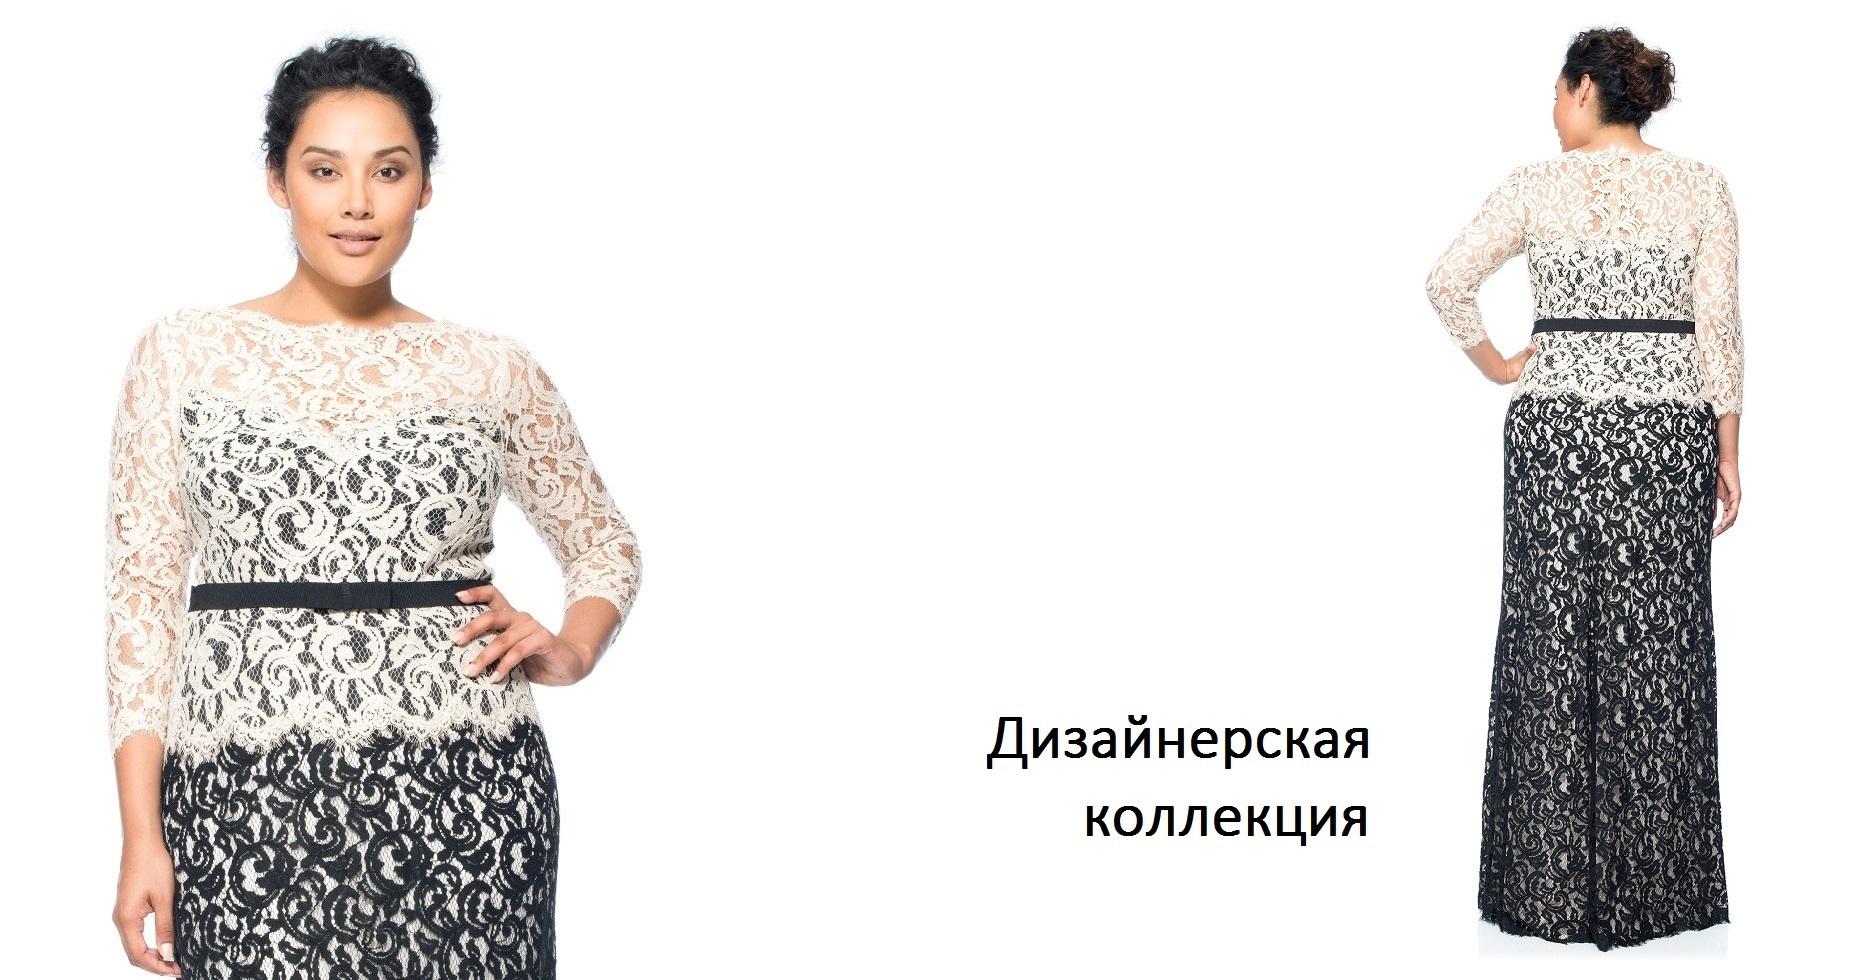 c1cb5a1e8a1 Коллекция TADASHI SHOJI платьев больших размеров